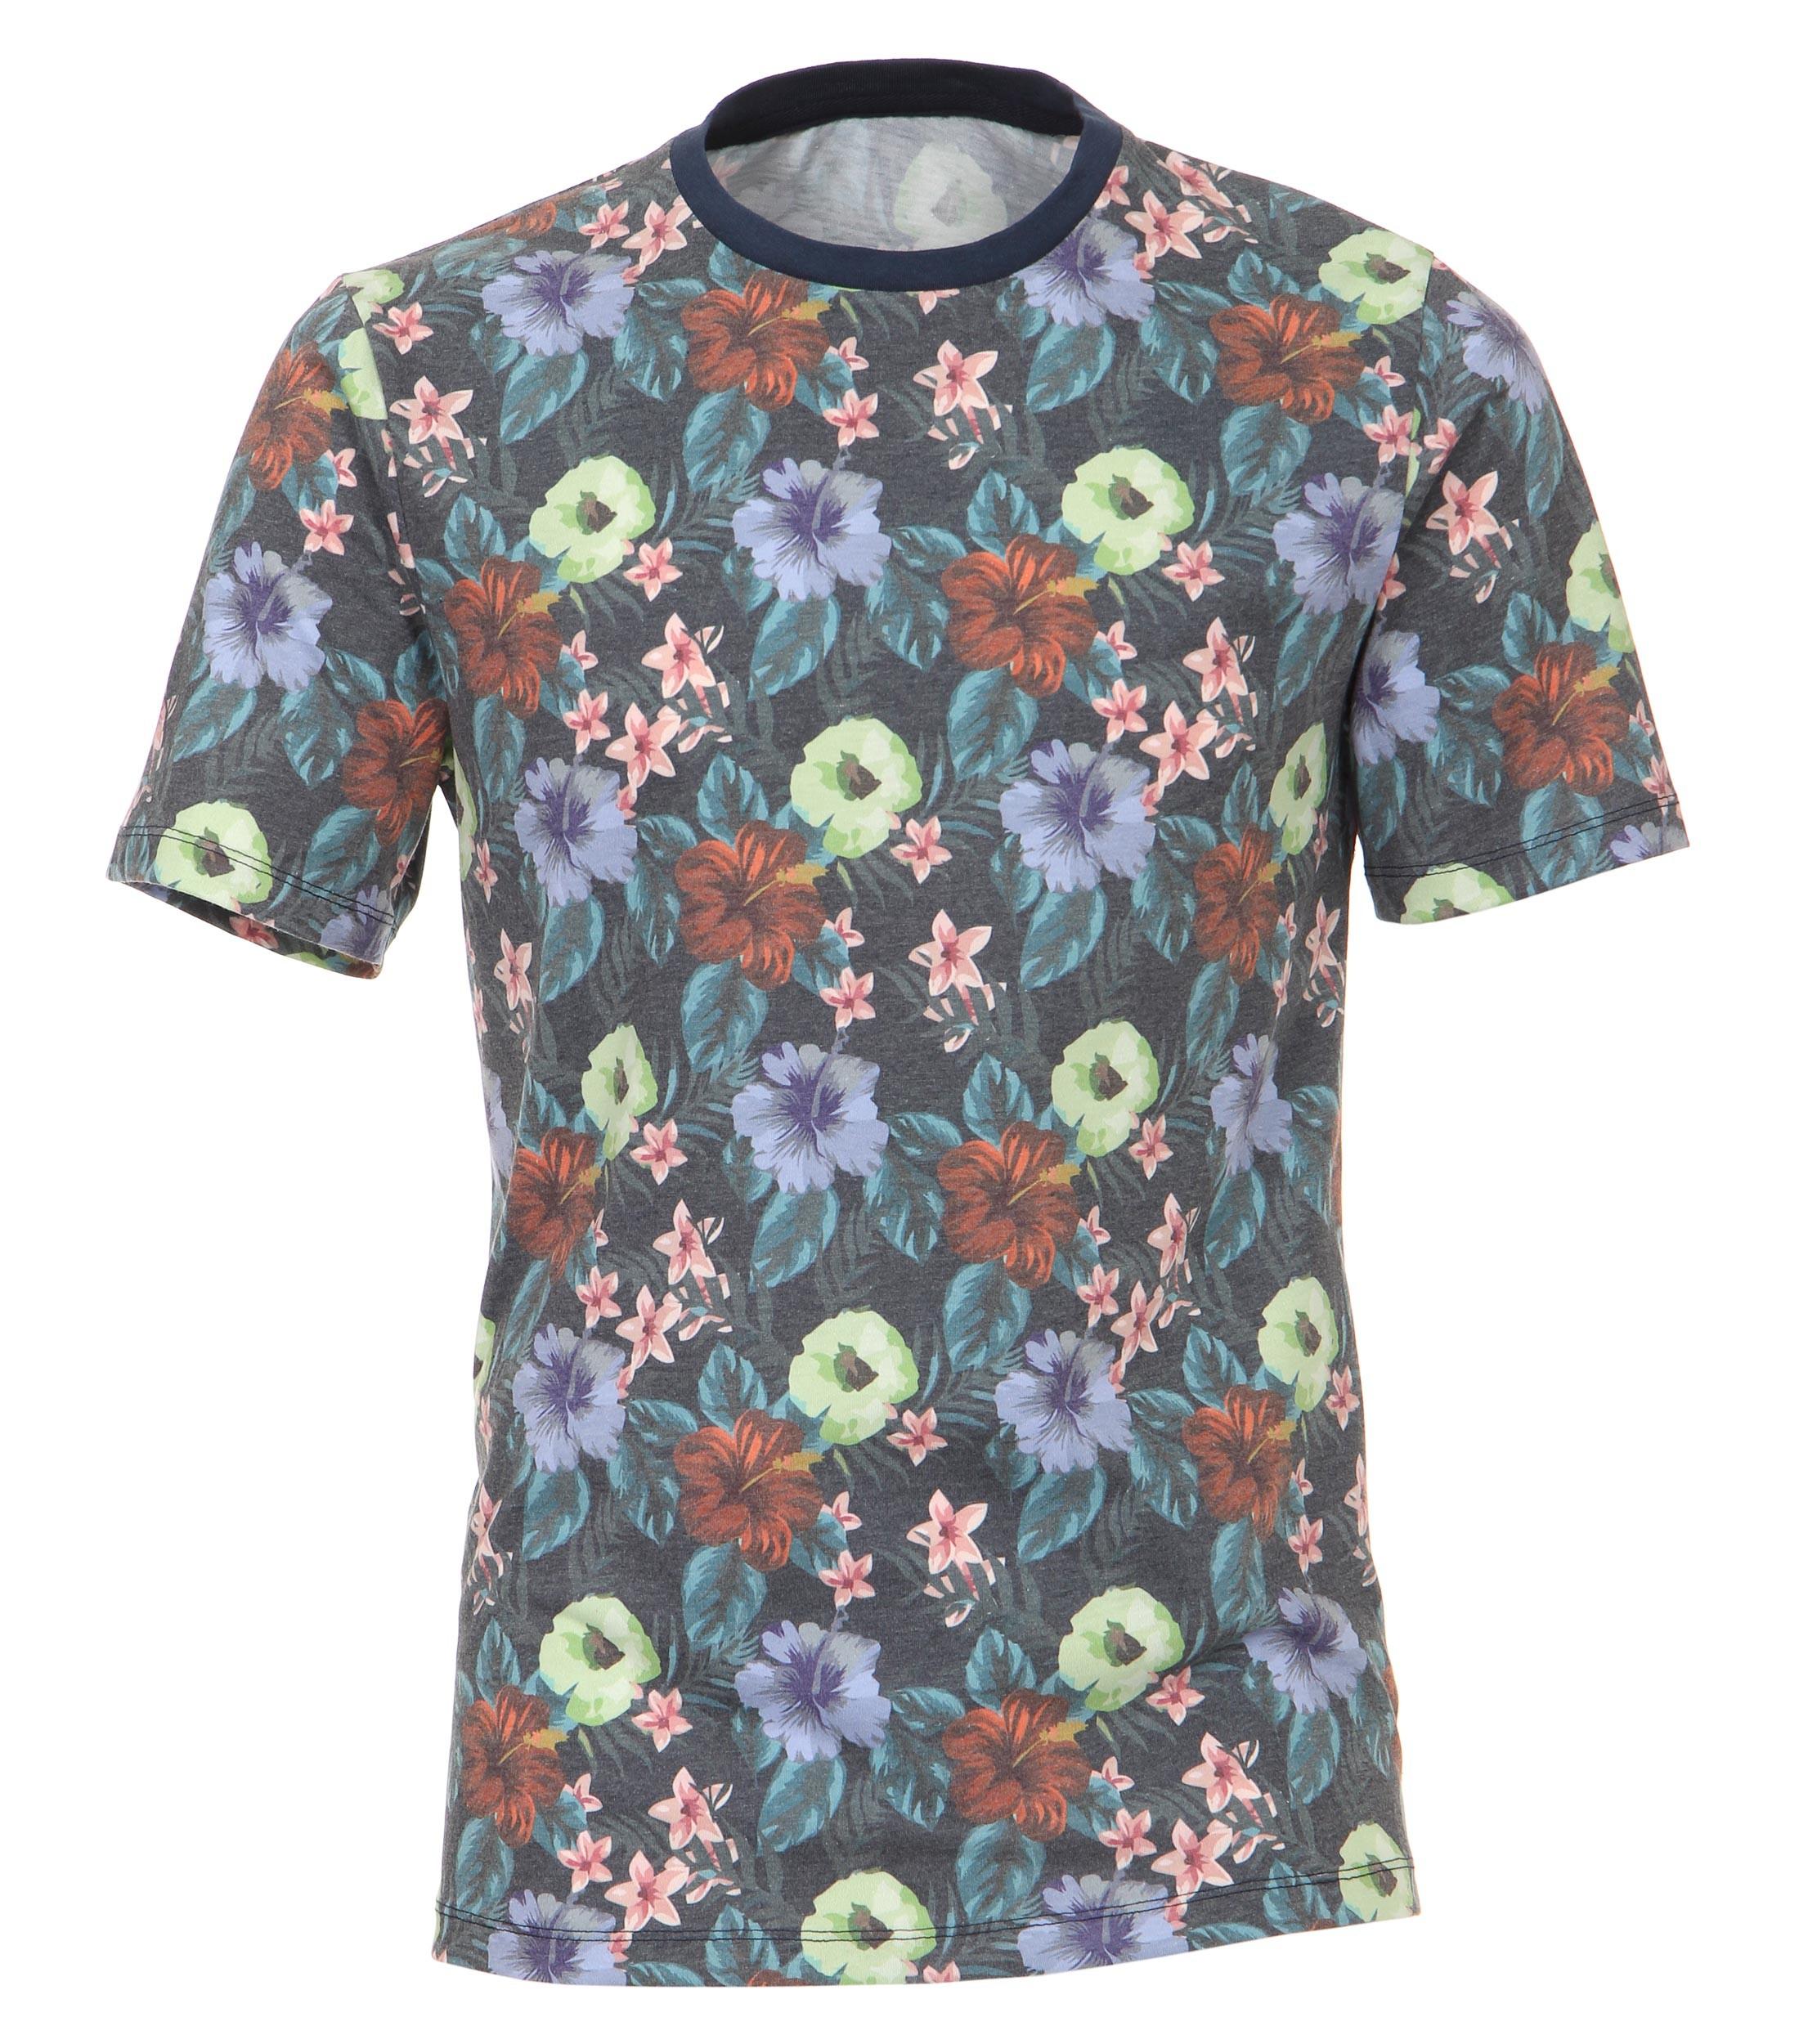 Fleurig T-shirt van Casa Moda met bloemenmotief. Het shirt is gemaakt van een zachte stof voor een optimaal draagcomfort. Dit shirt is ideaal te combineren met diverse soorten jeans en shorts. Erg leuk voor de zomer.